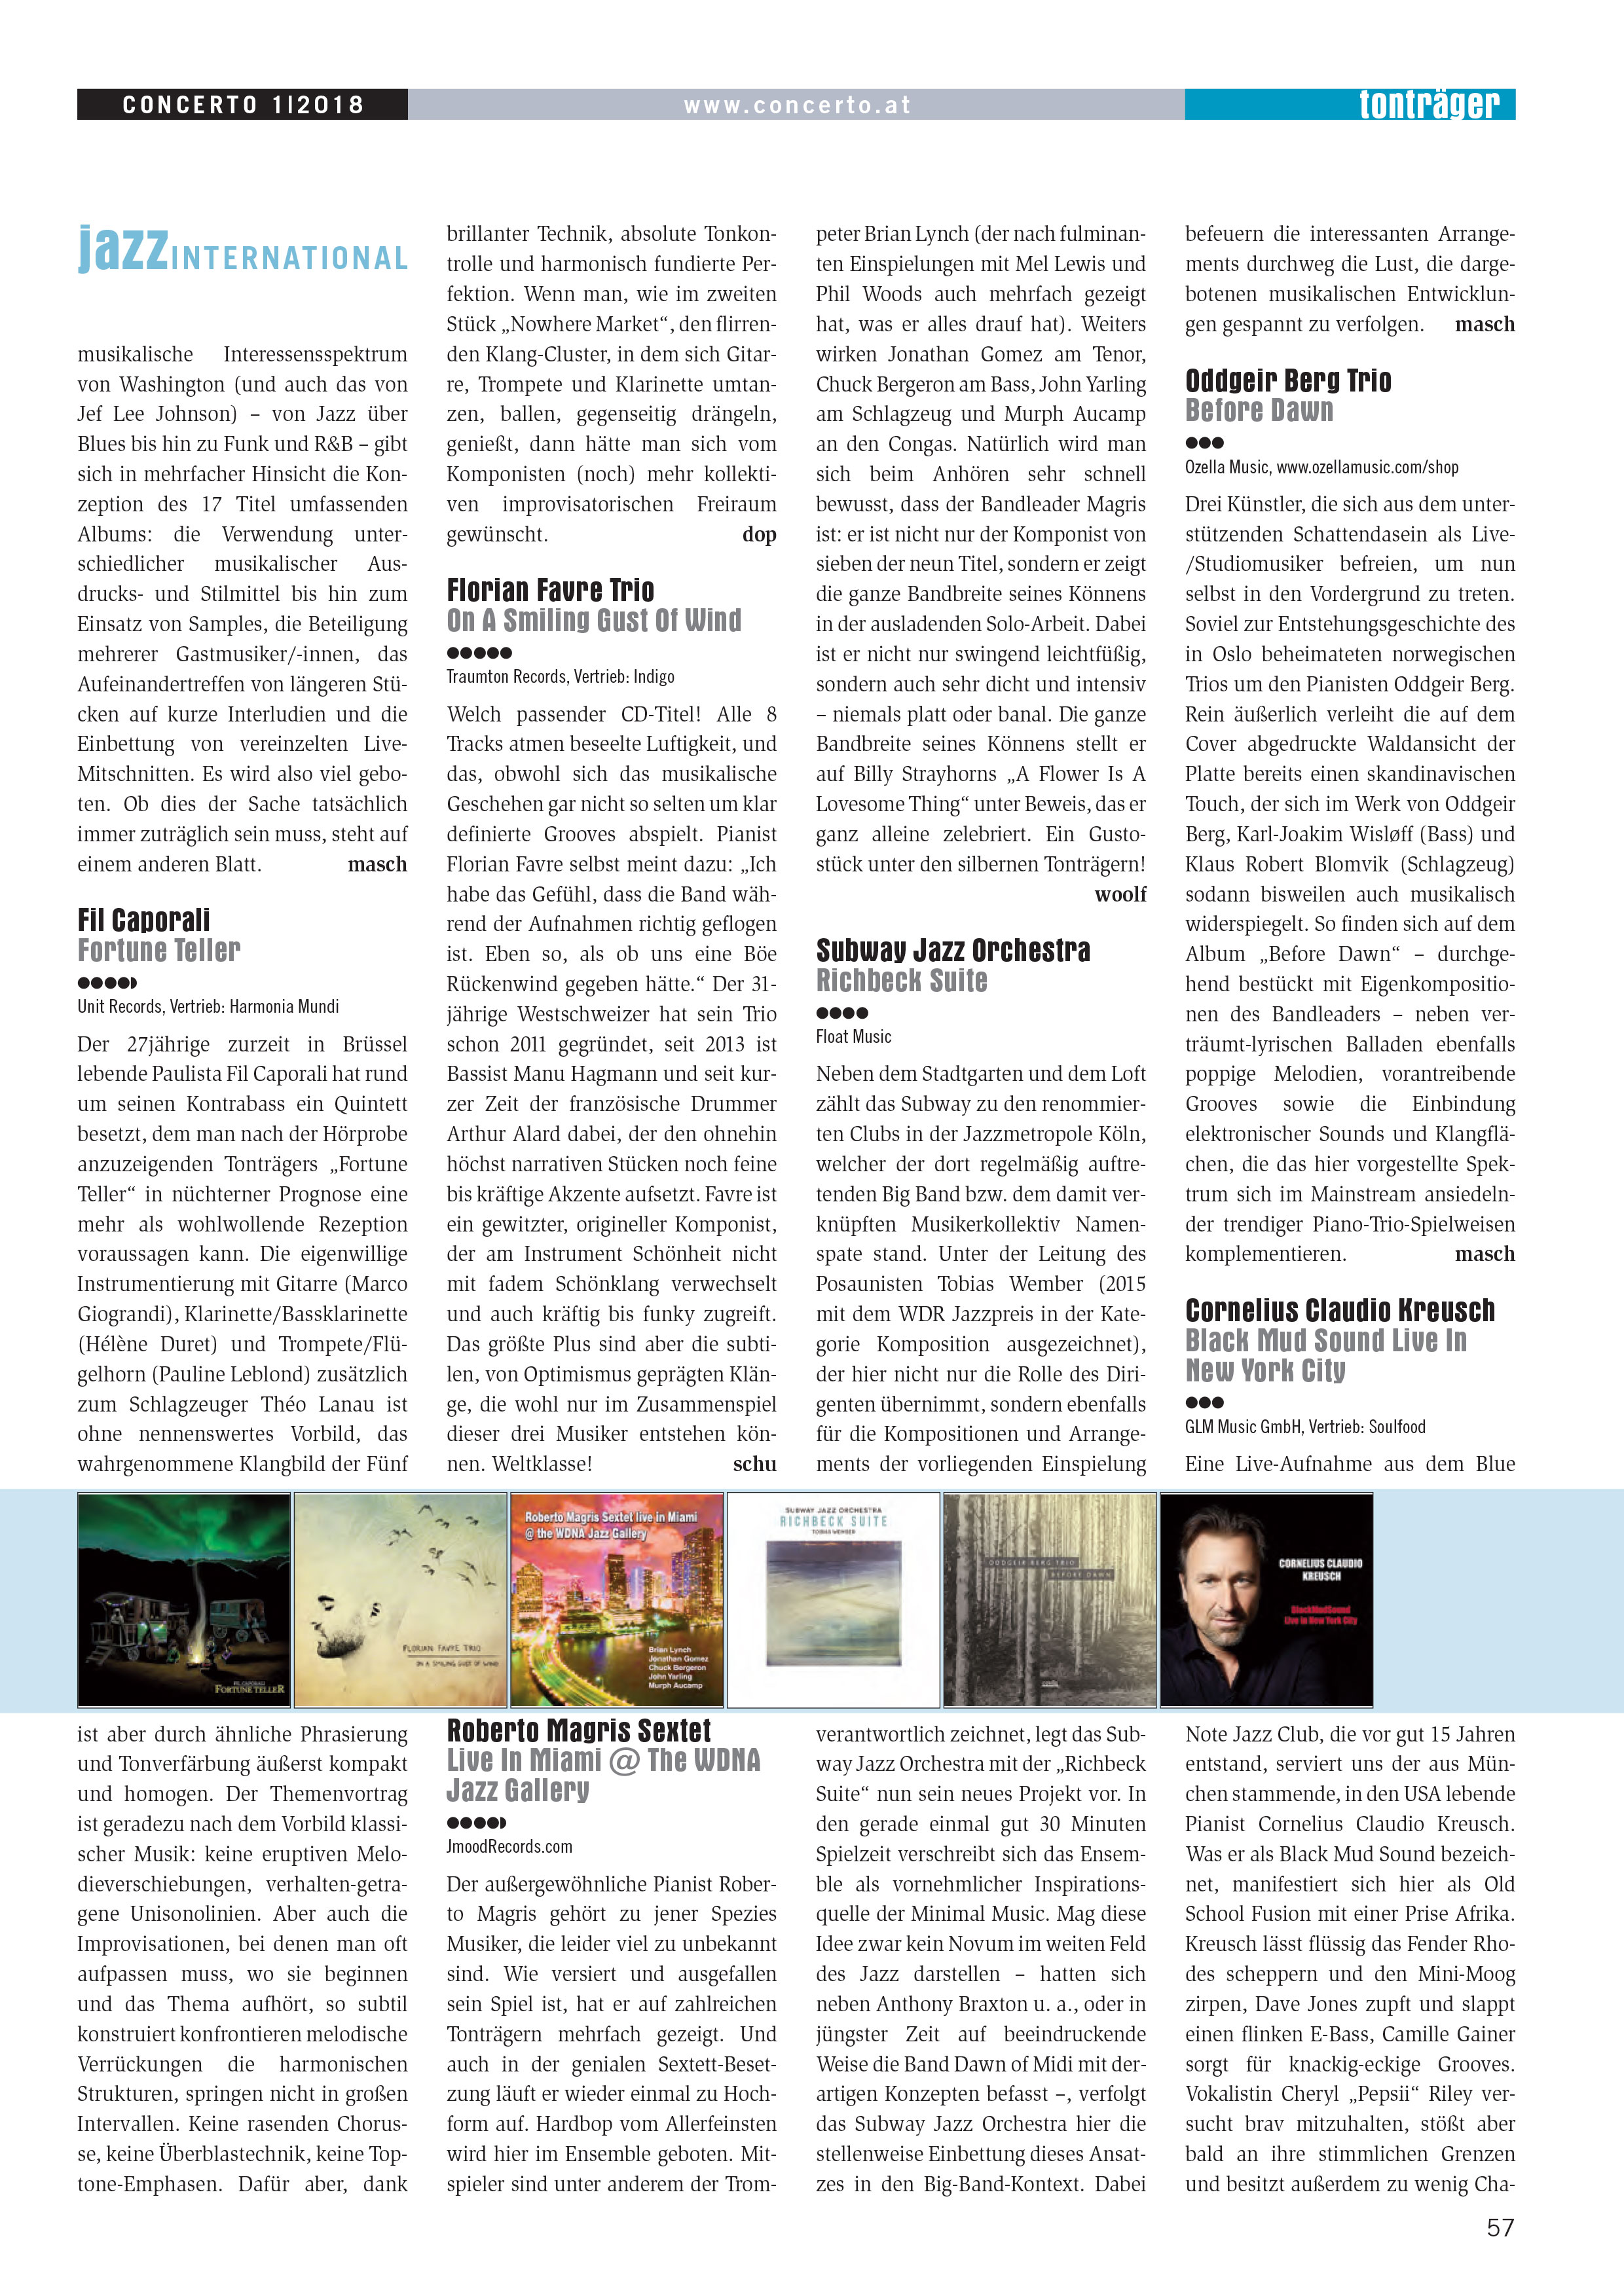 Concerto (page 2)